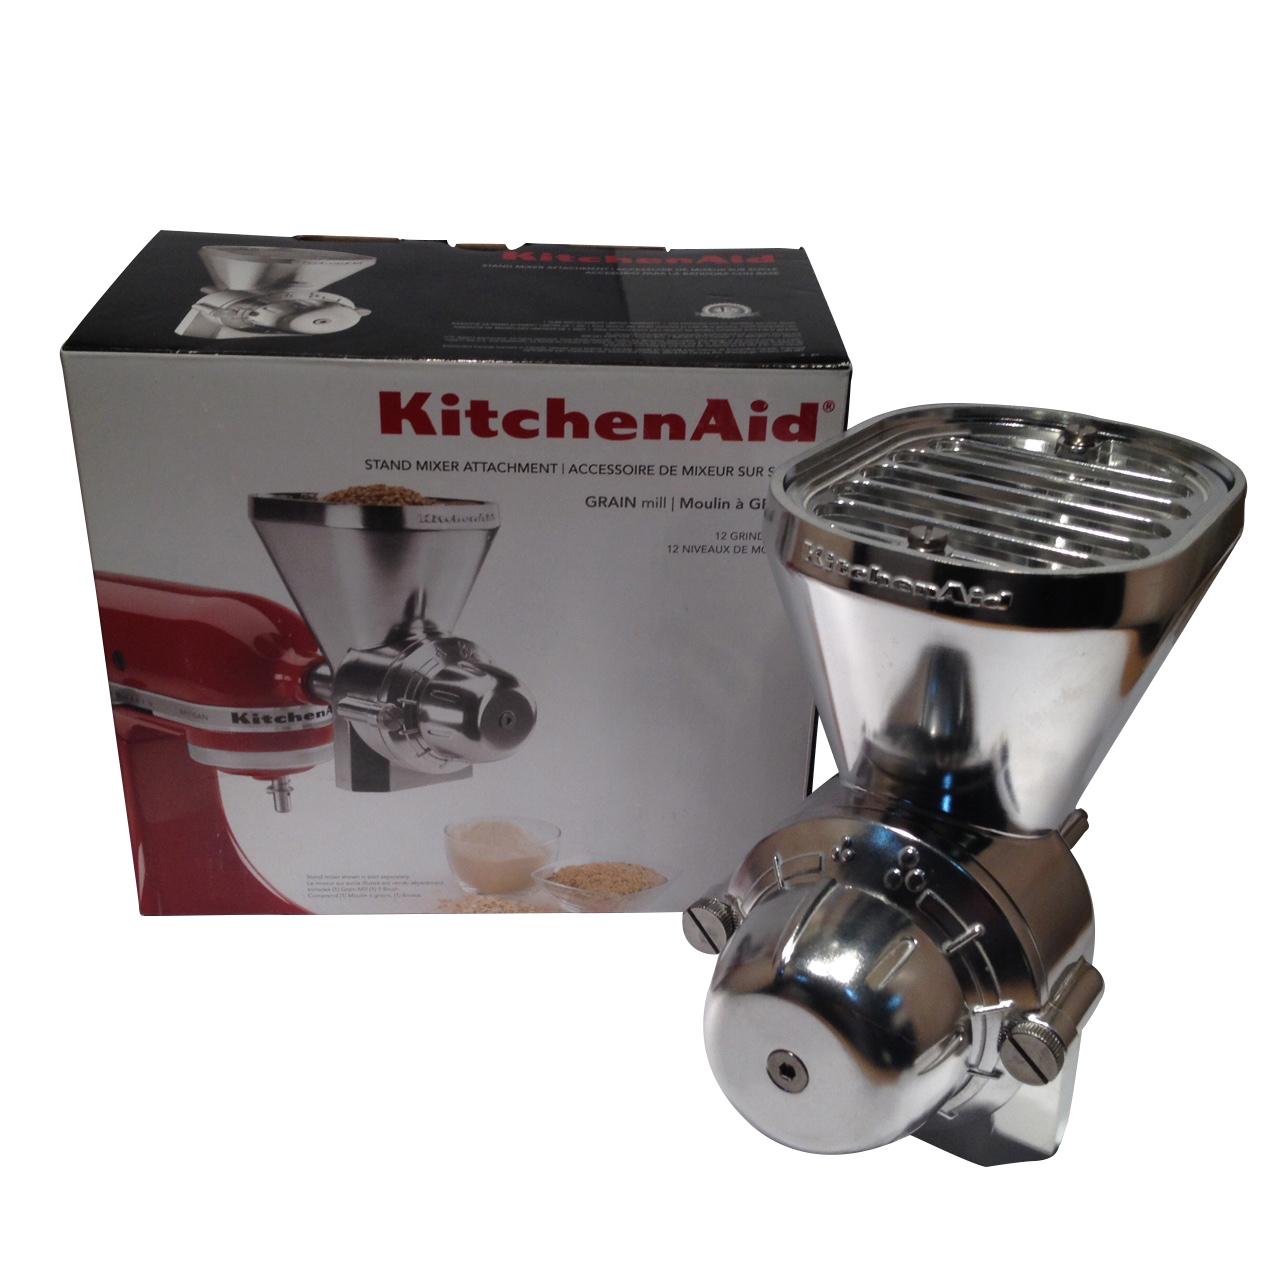 Kitchen Aid Stand Mixer Grain Attachment